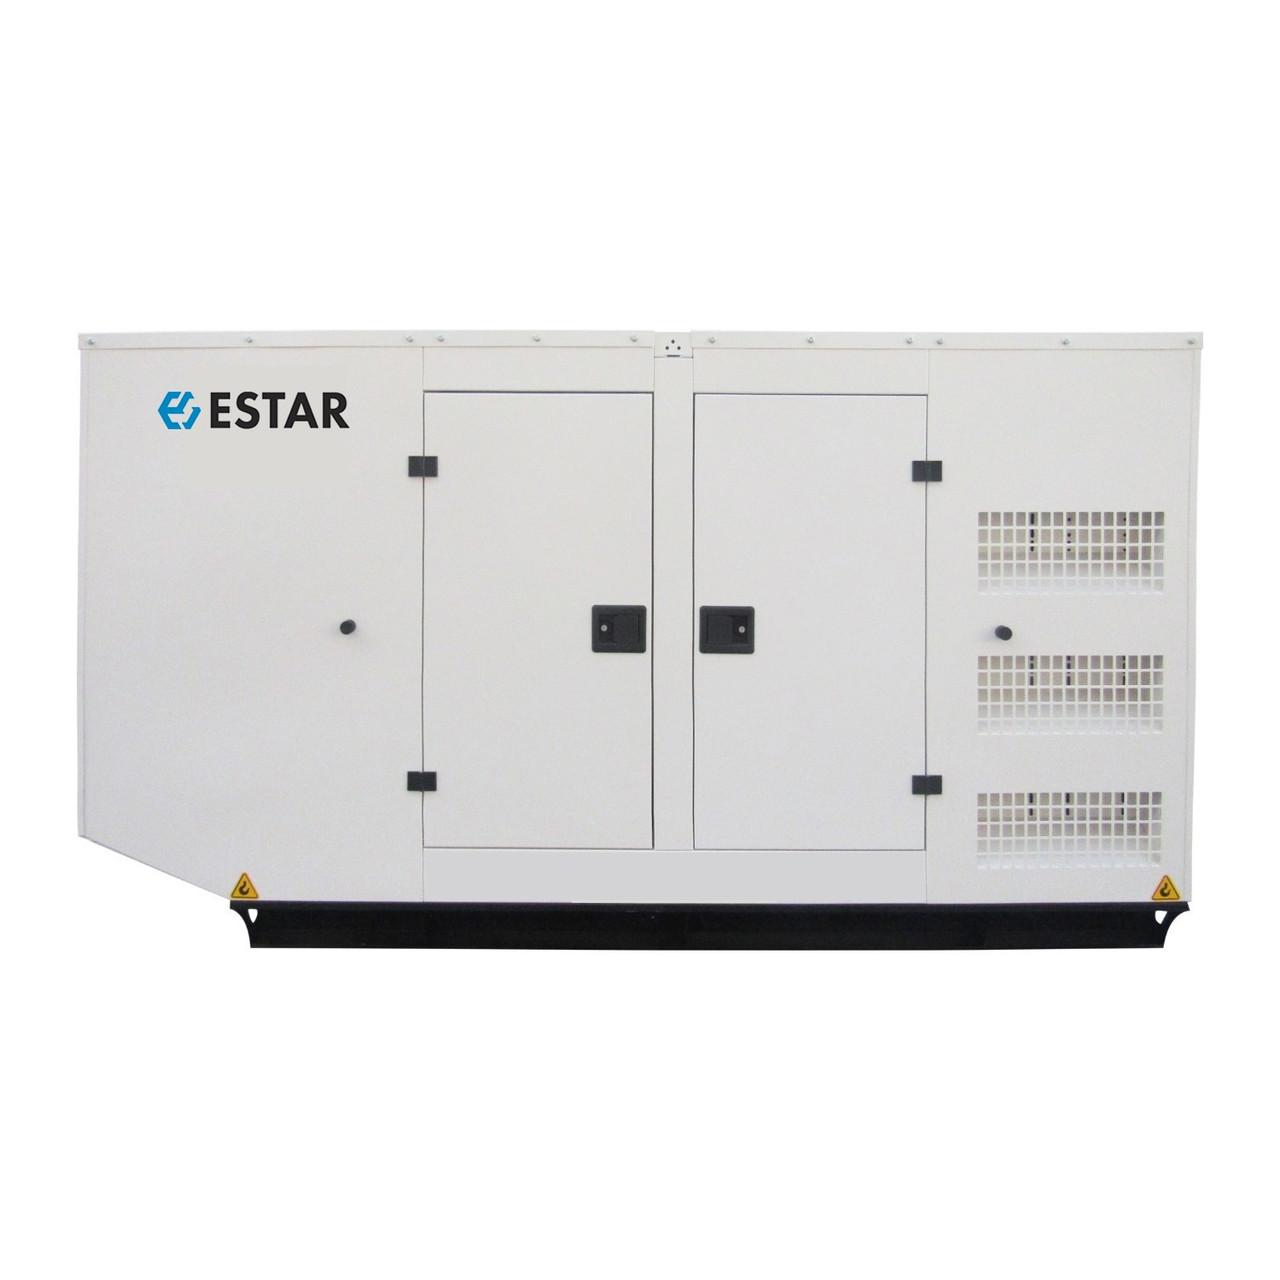 ⚡ESTAR ES250-RSA (200 кВт) + АВР (подогрев и автоматический запуск)